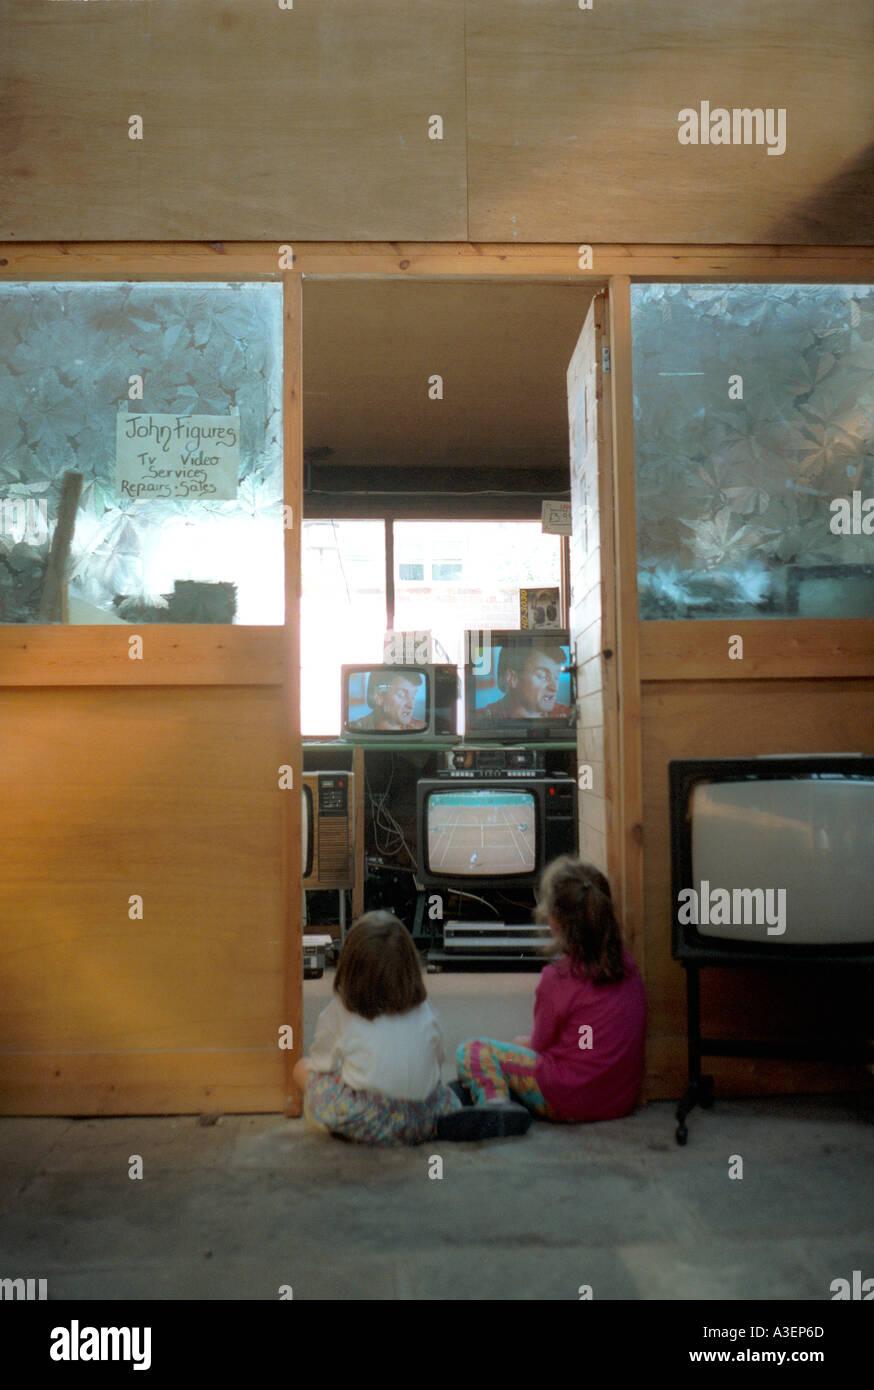 Tv Repair Shop Stock Photos & Tv Repair Shop Stock Images